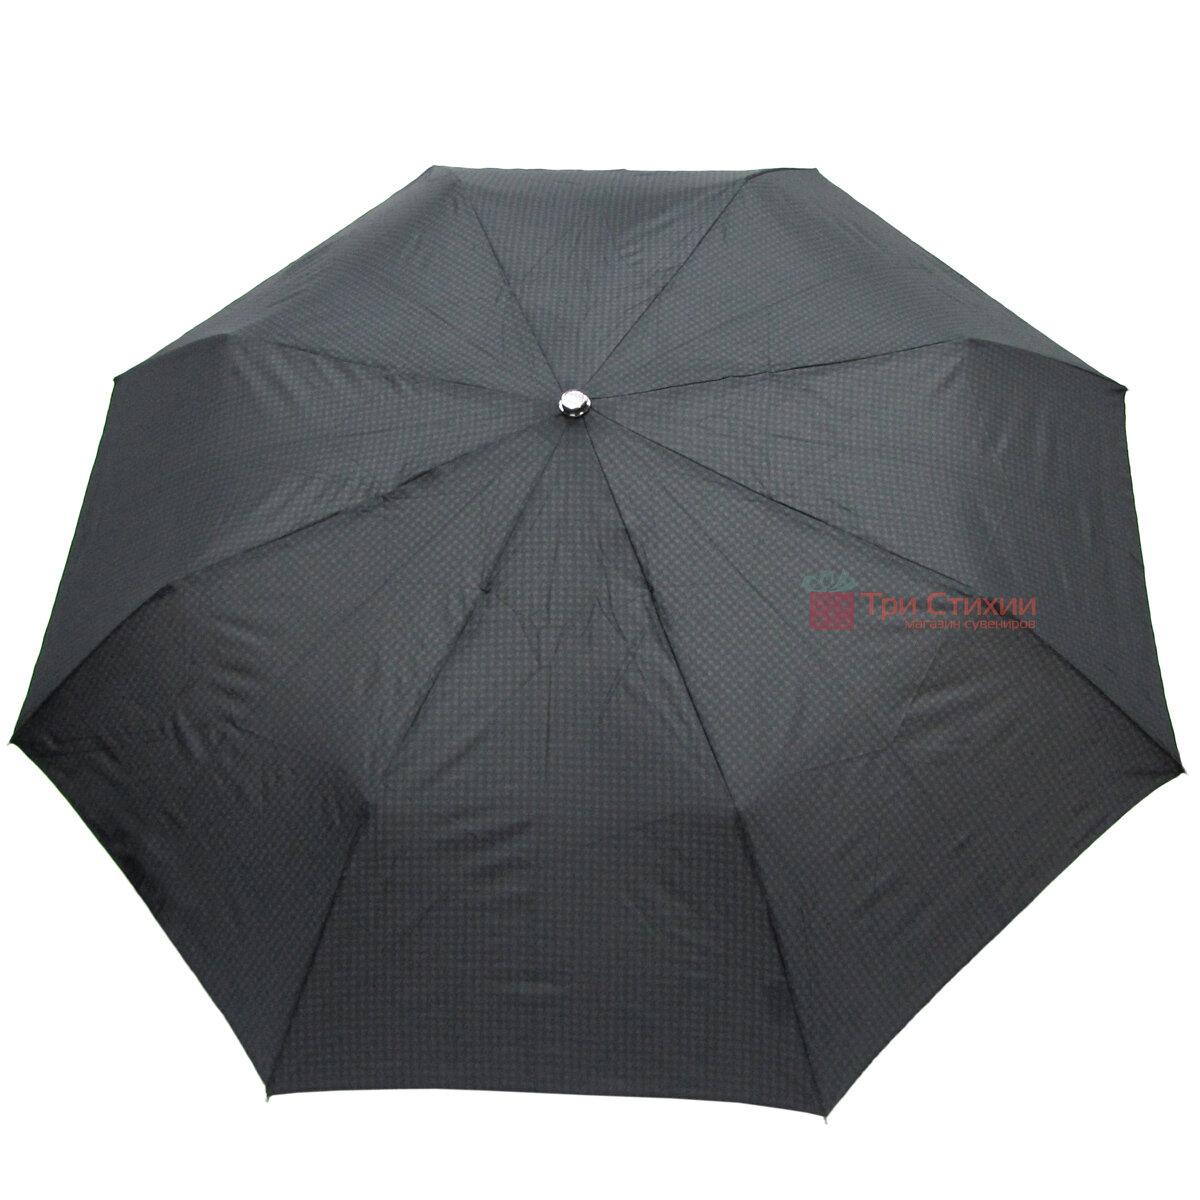 Зонт складной Doppler 74667G-5 полный автомат Лапки, фото 3